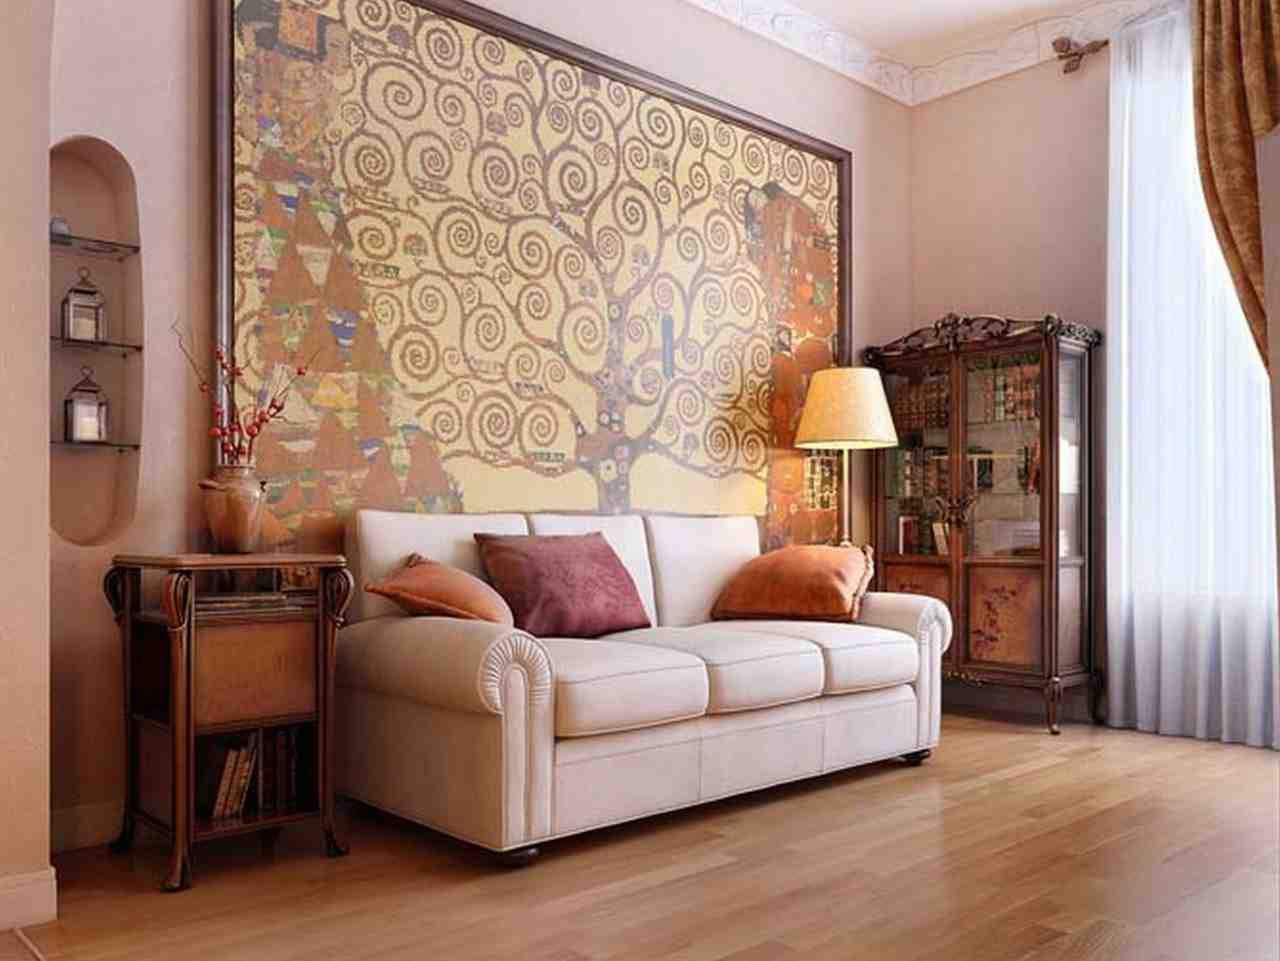 Large Wall Decor Ideas for Living Room - Decor IdeasDecor ...